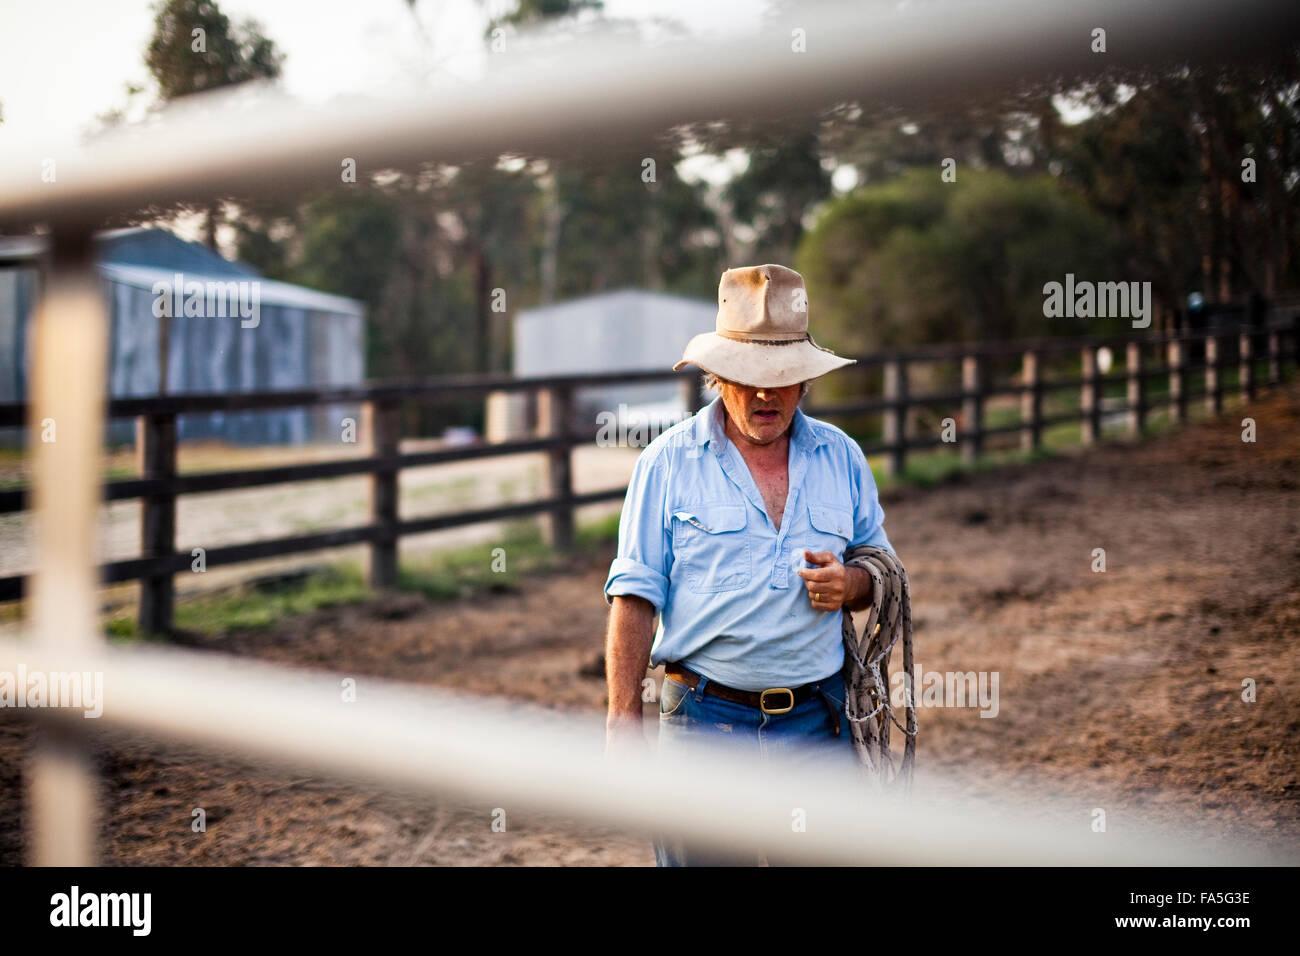 Australian stockman e alto paese imprenditore del turismo, Steve Baird, nel cavallo cantiere alla molla di Sperone. Immagini Stock